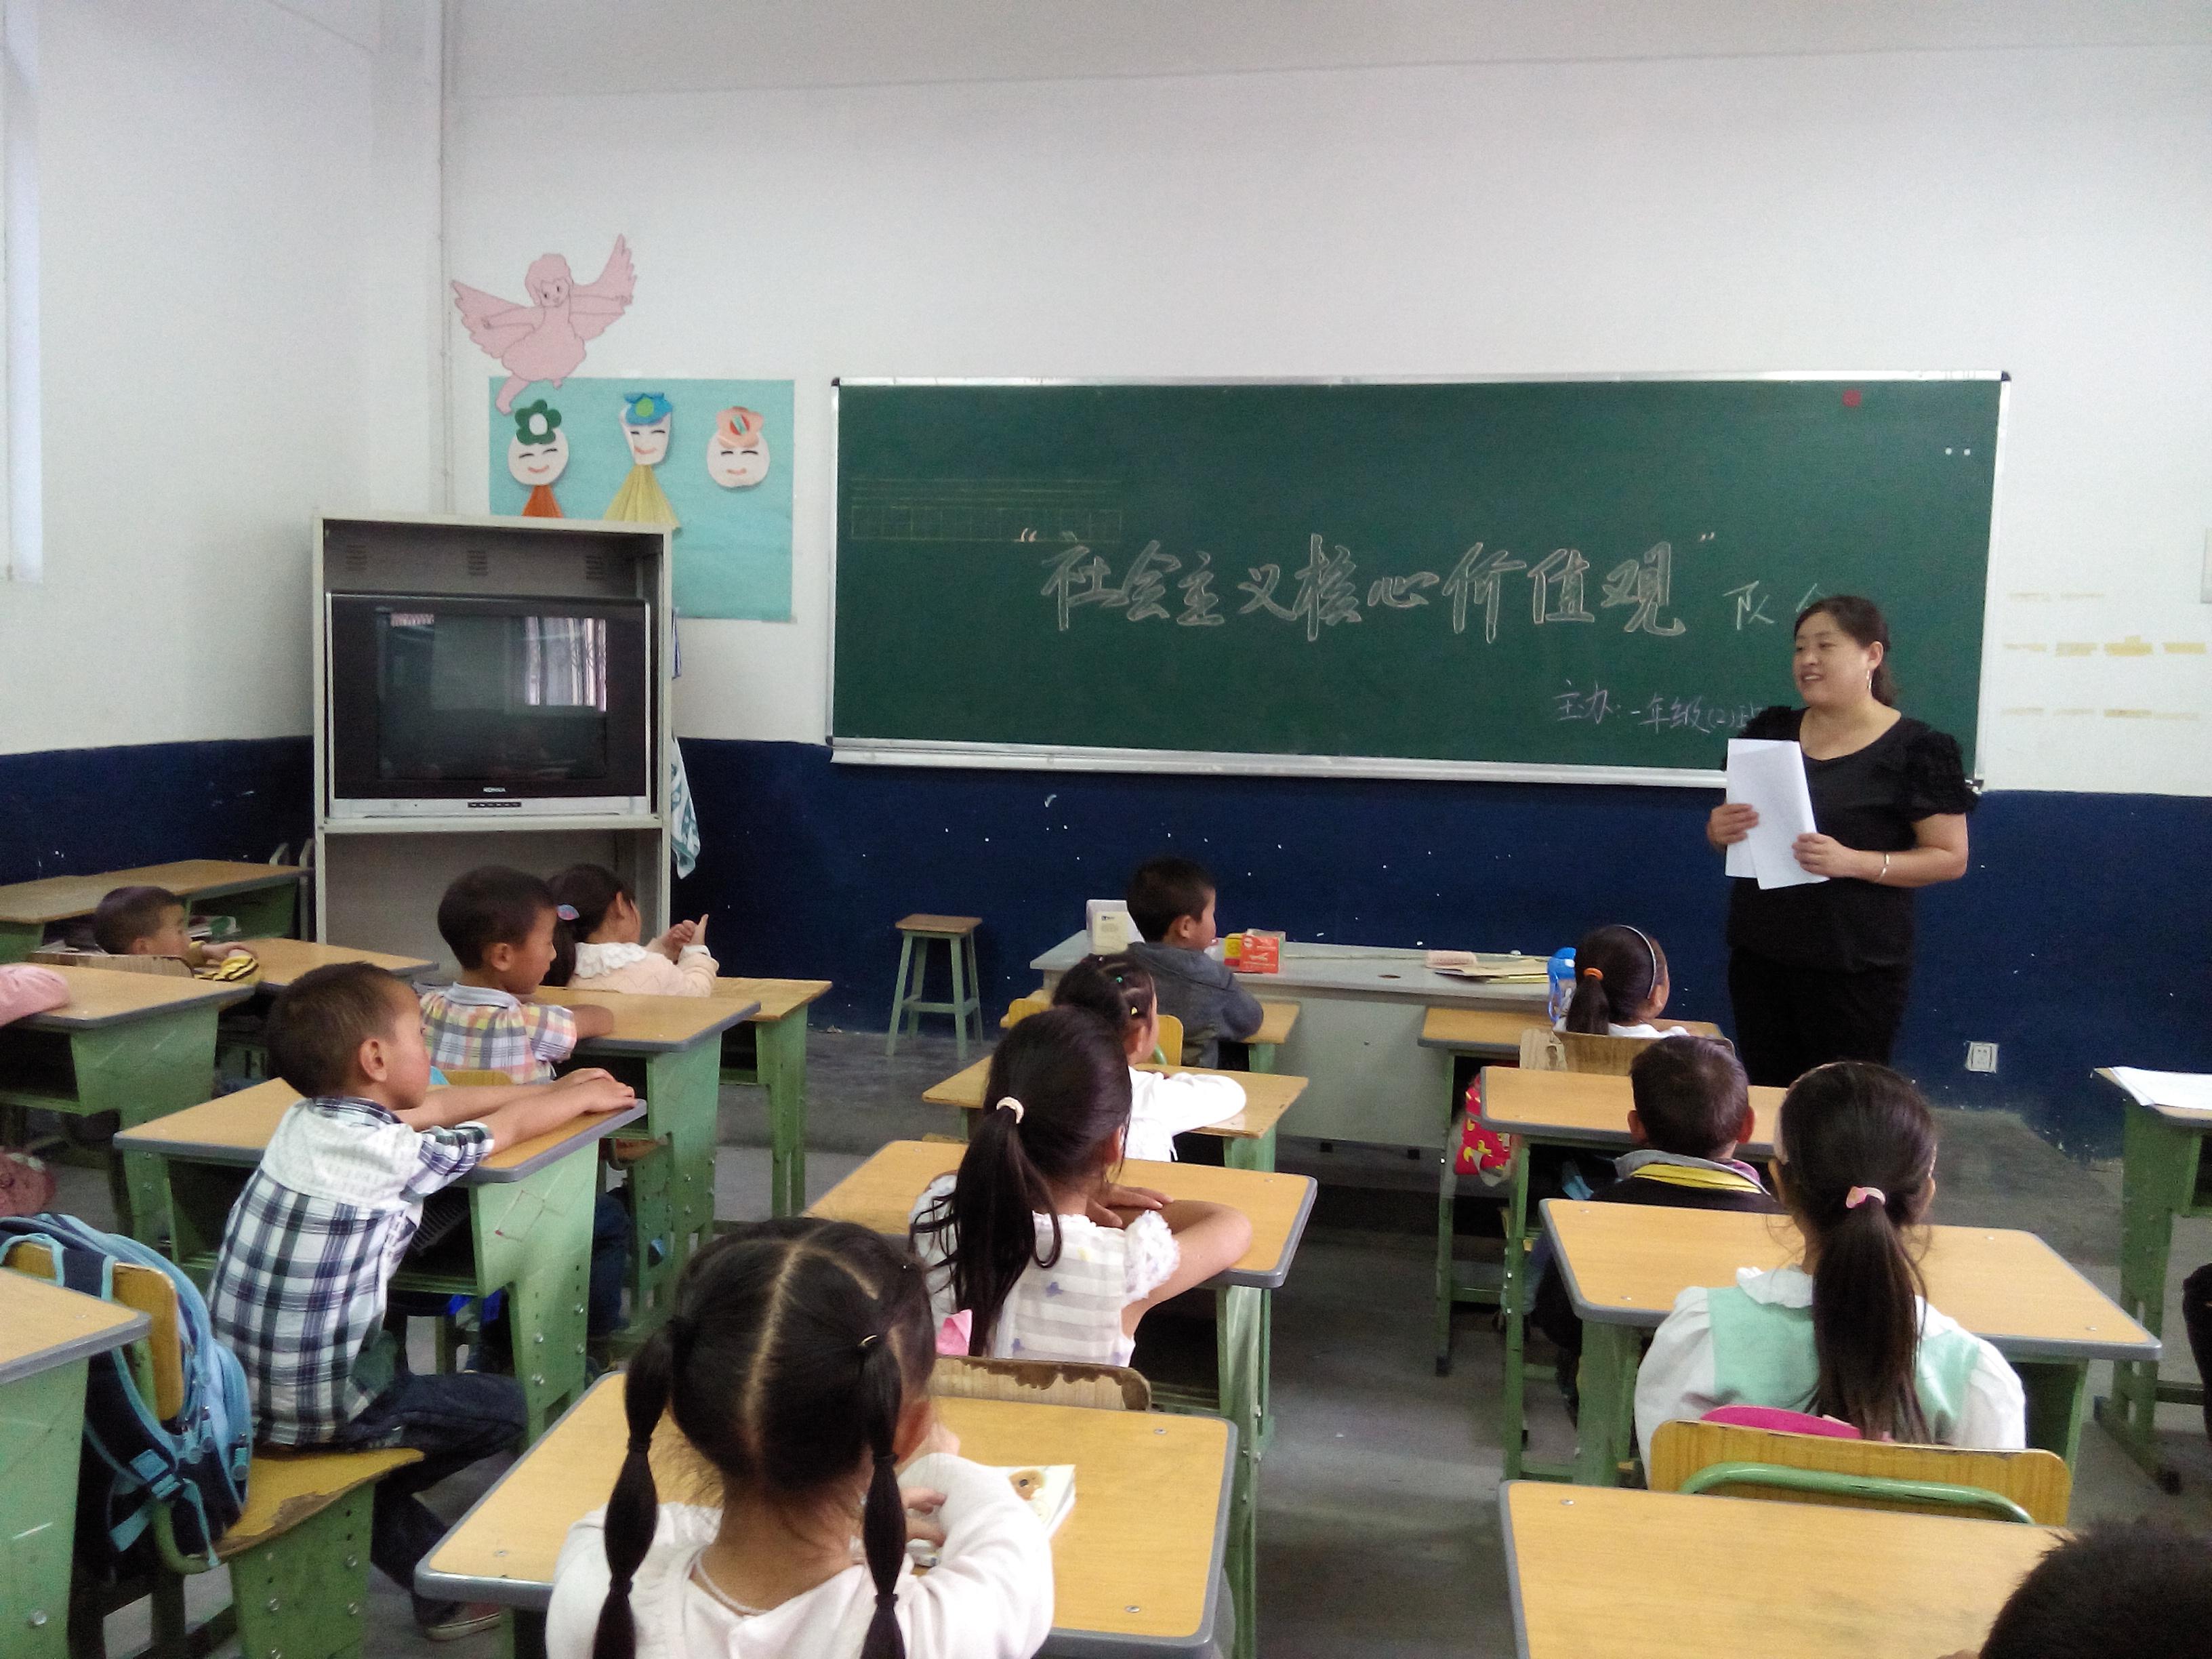 阿坝州小金县小学核心小学价值观营盘队活主题的是作者谁图片